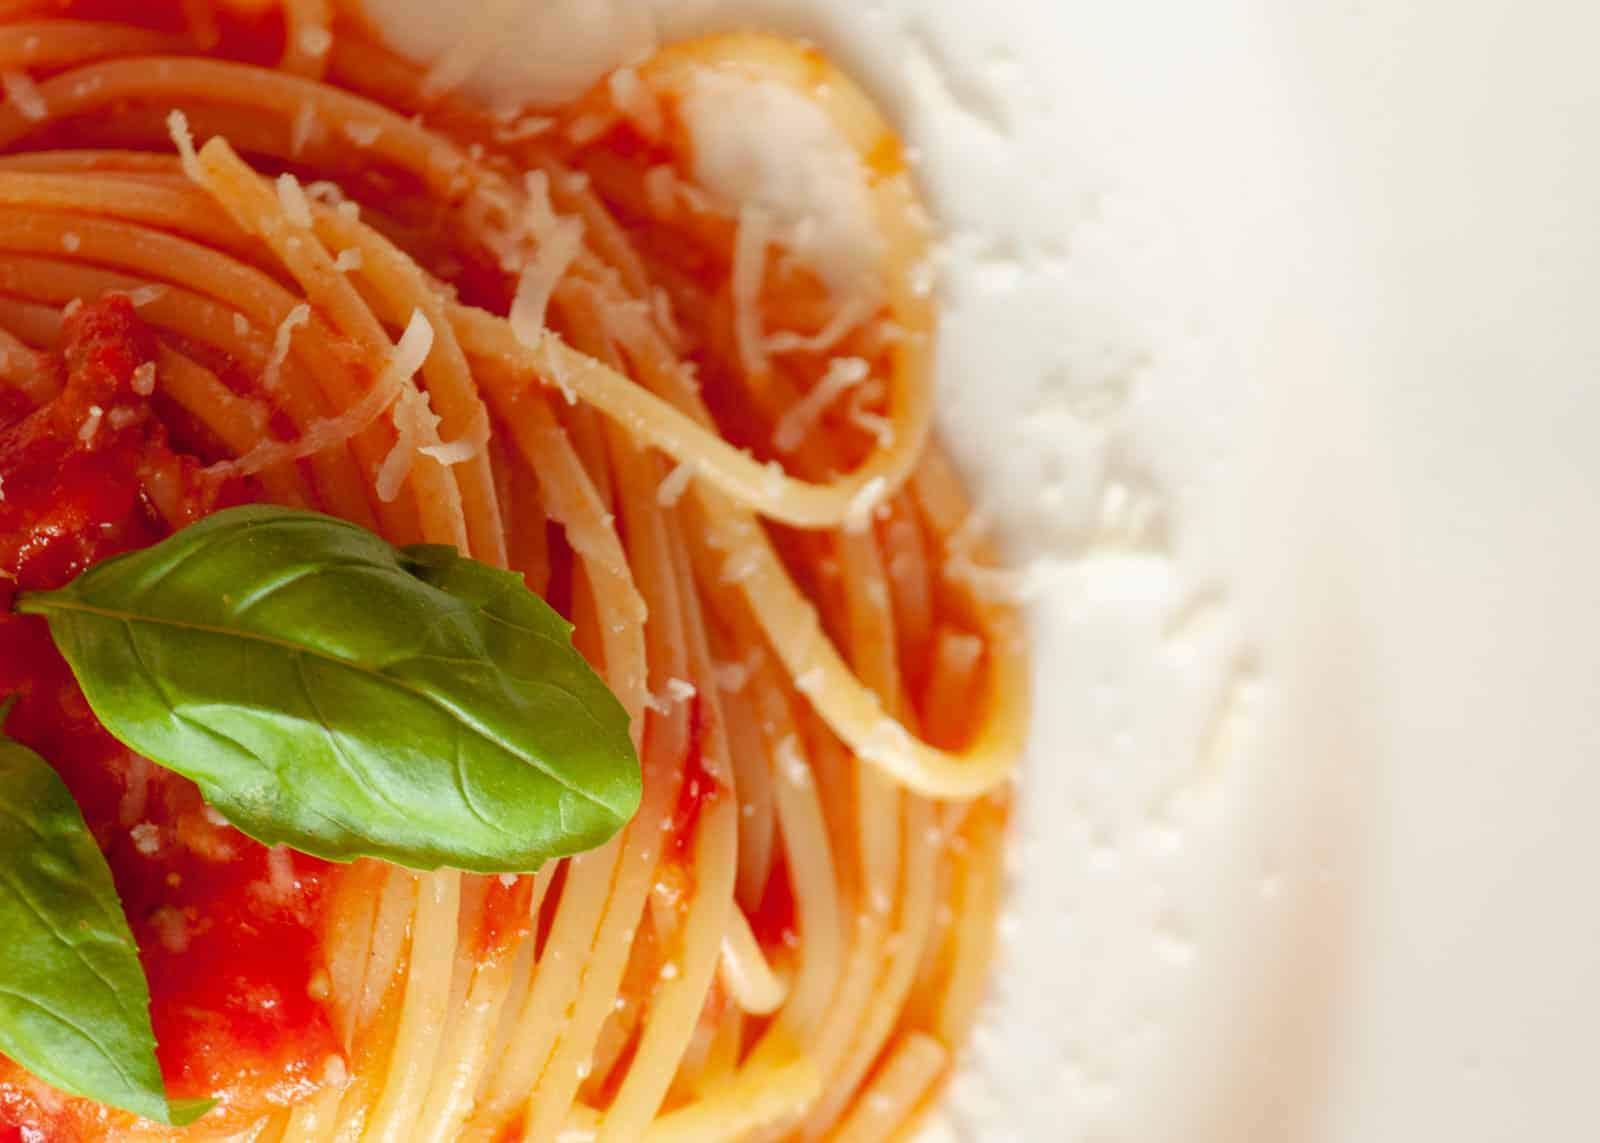 Spaghetti mit sugo di pomodoro